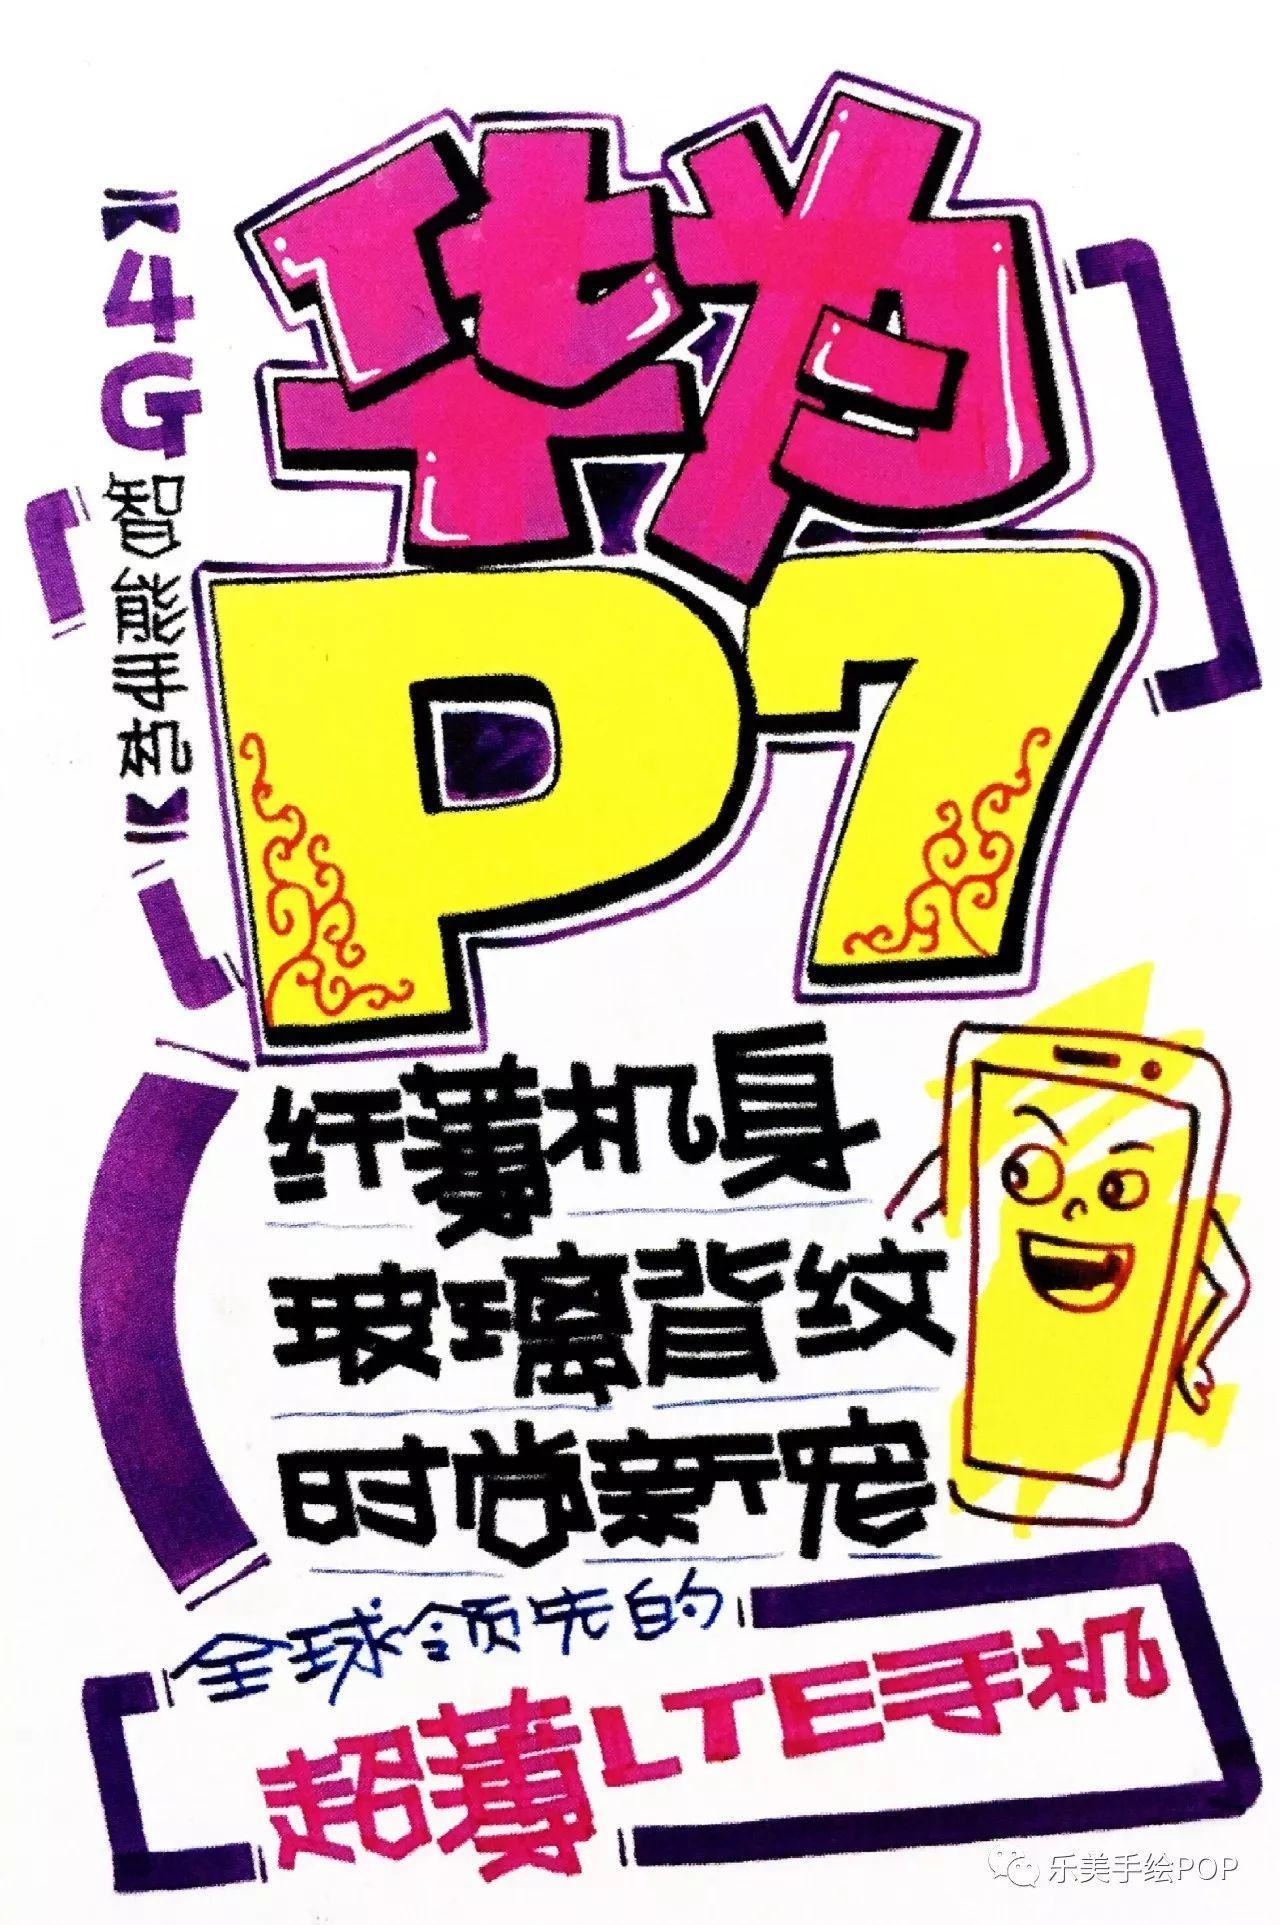 华为系列型号的pop海报